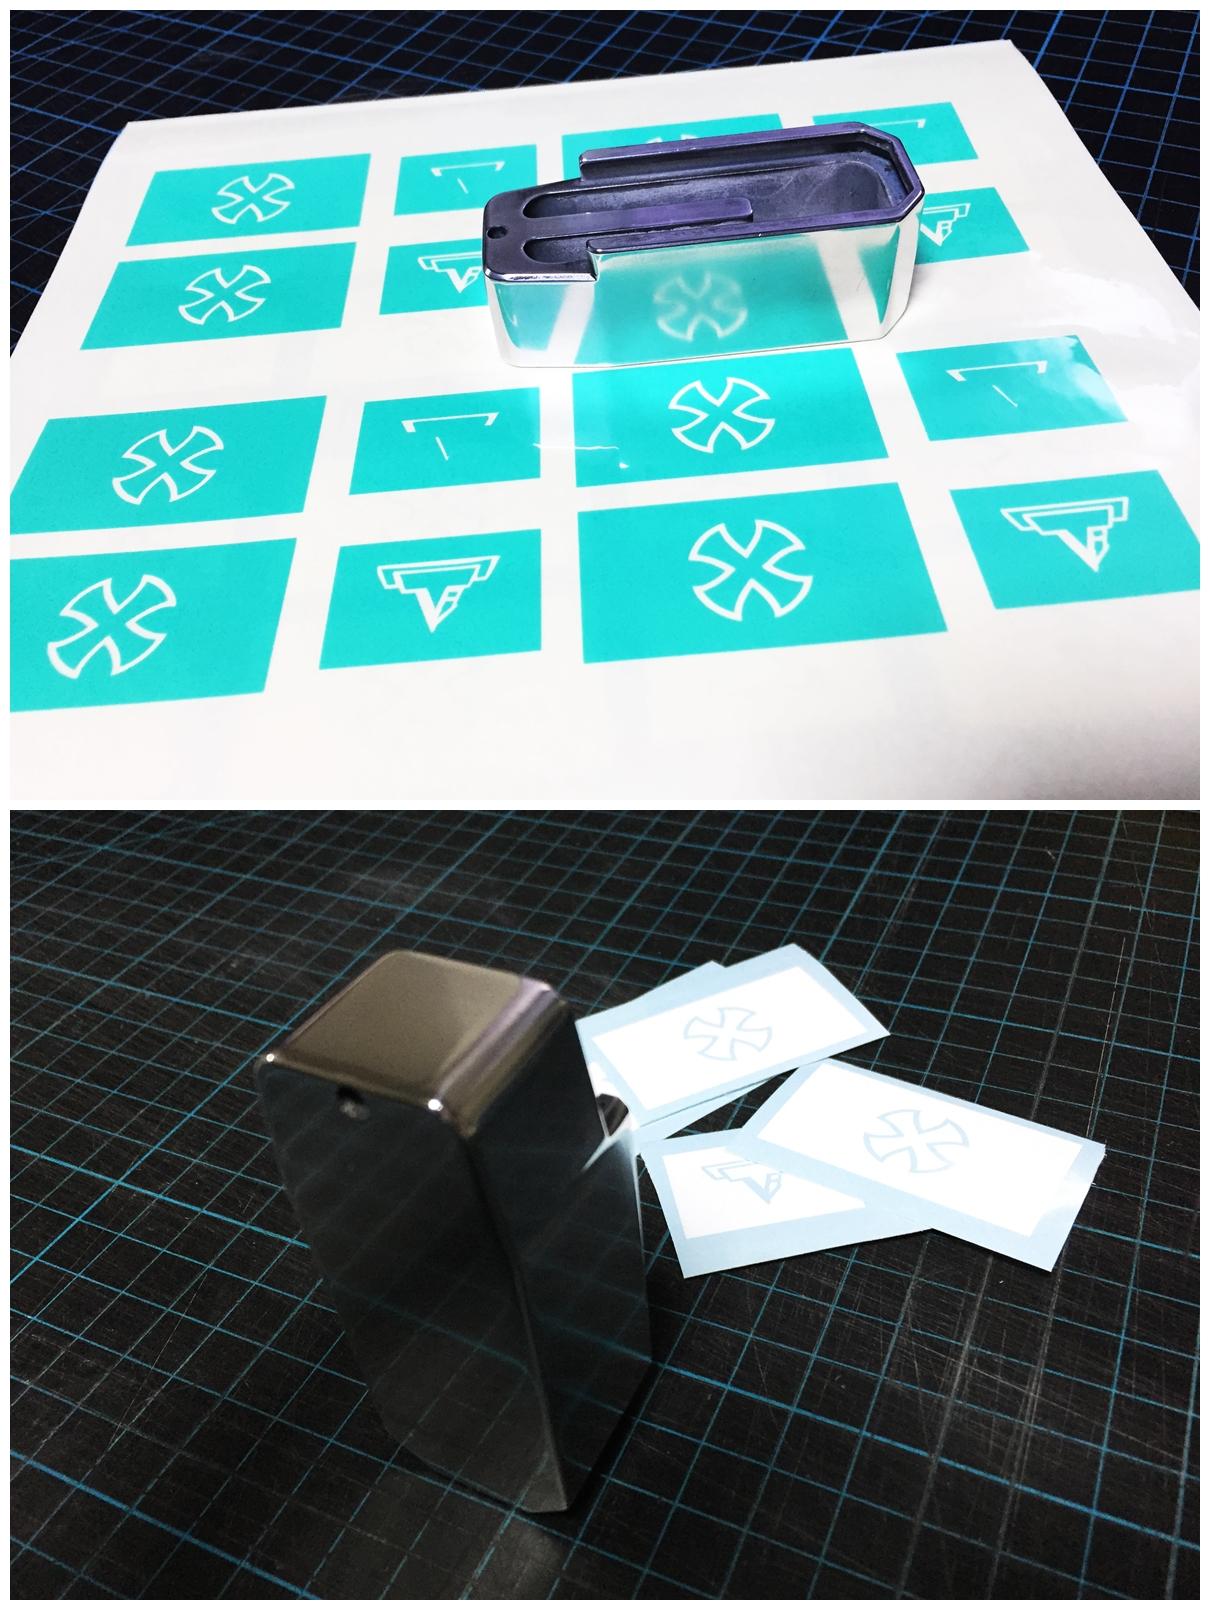 3 ブルーイング 刻印 TTI タイプ レプリカ NOVESKE 自作DIY 加工 UAC P-MAG アルミニウム マガジン ベース パッド